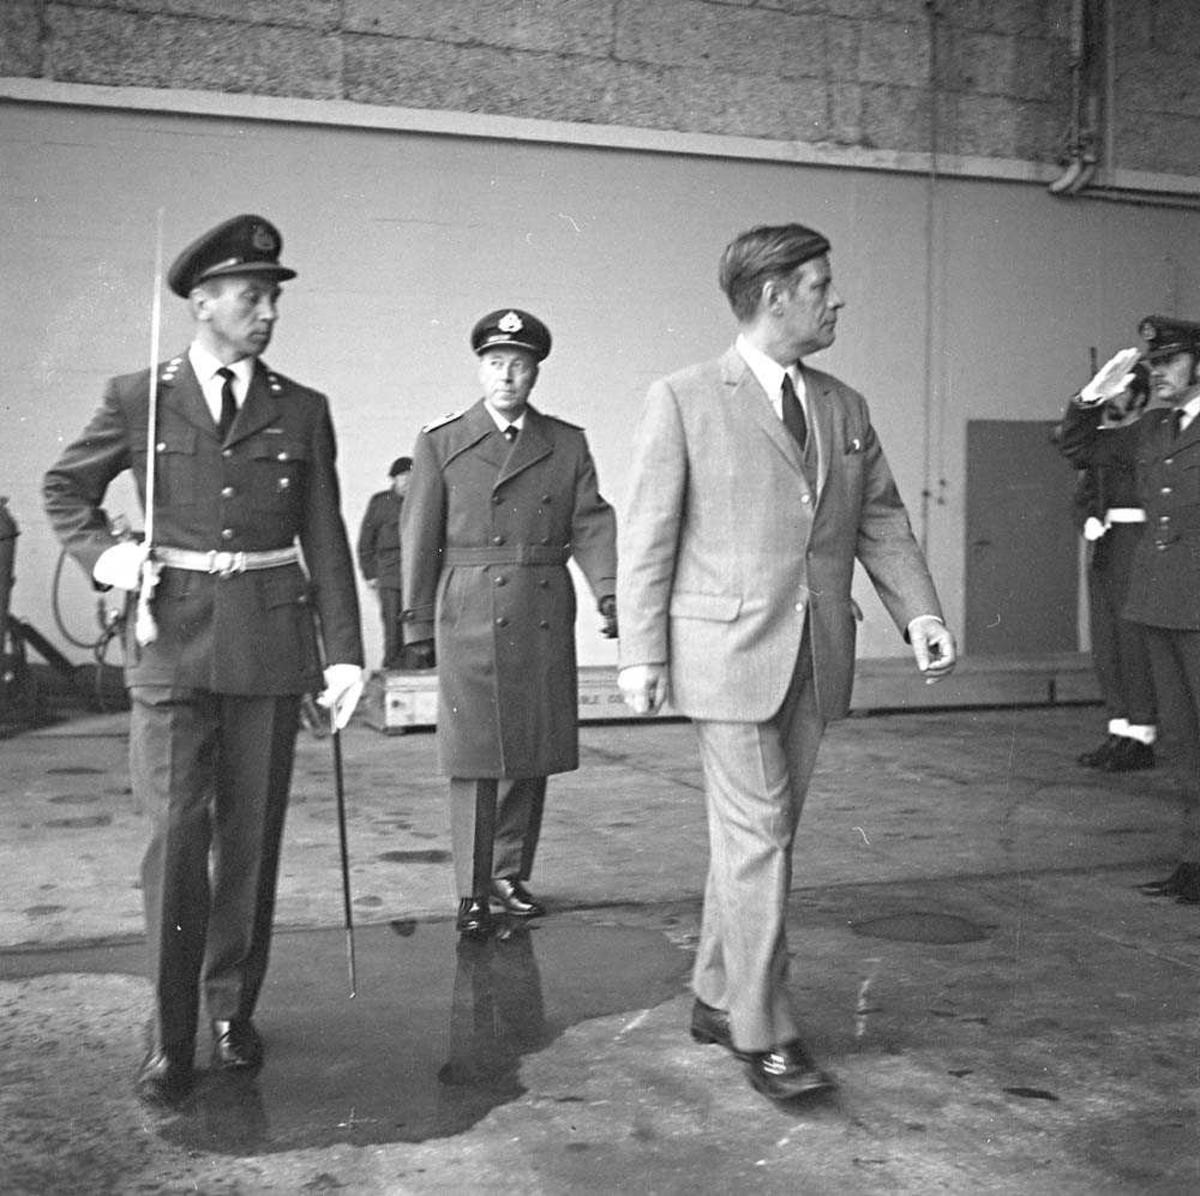 Den vesttyske forsvarsministeren besøker Bodø flystasjon. Han sees på bildet i sivilklær. Bak ham går stasjonssjefen, Oberst K. Bjørge-Hansen.